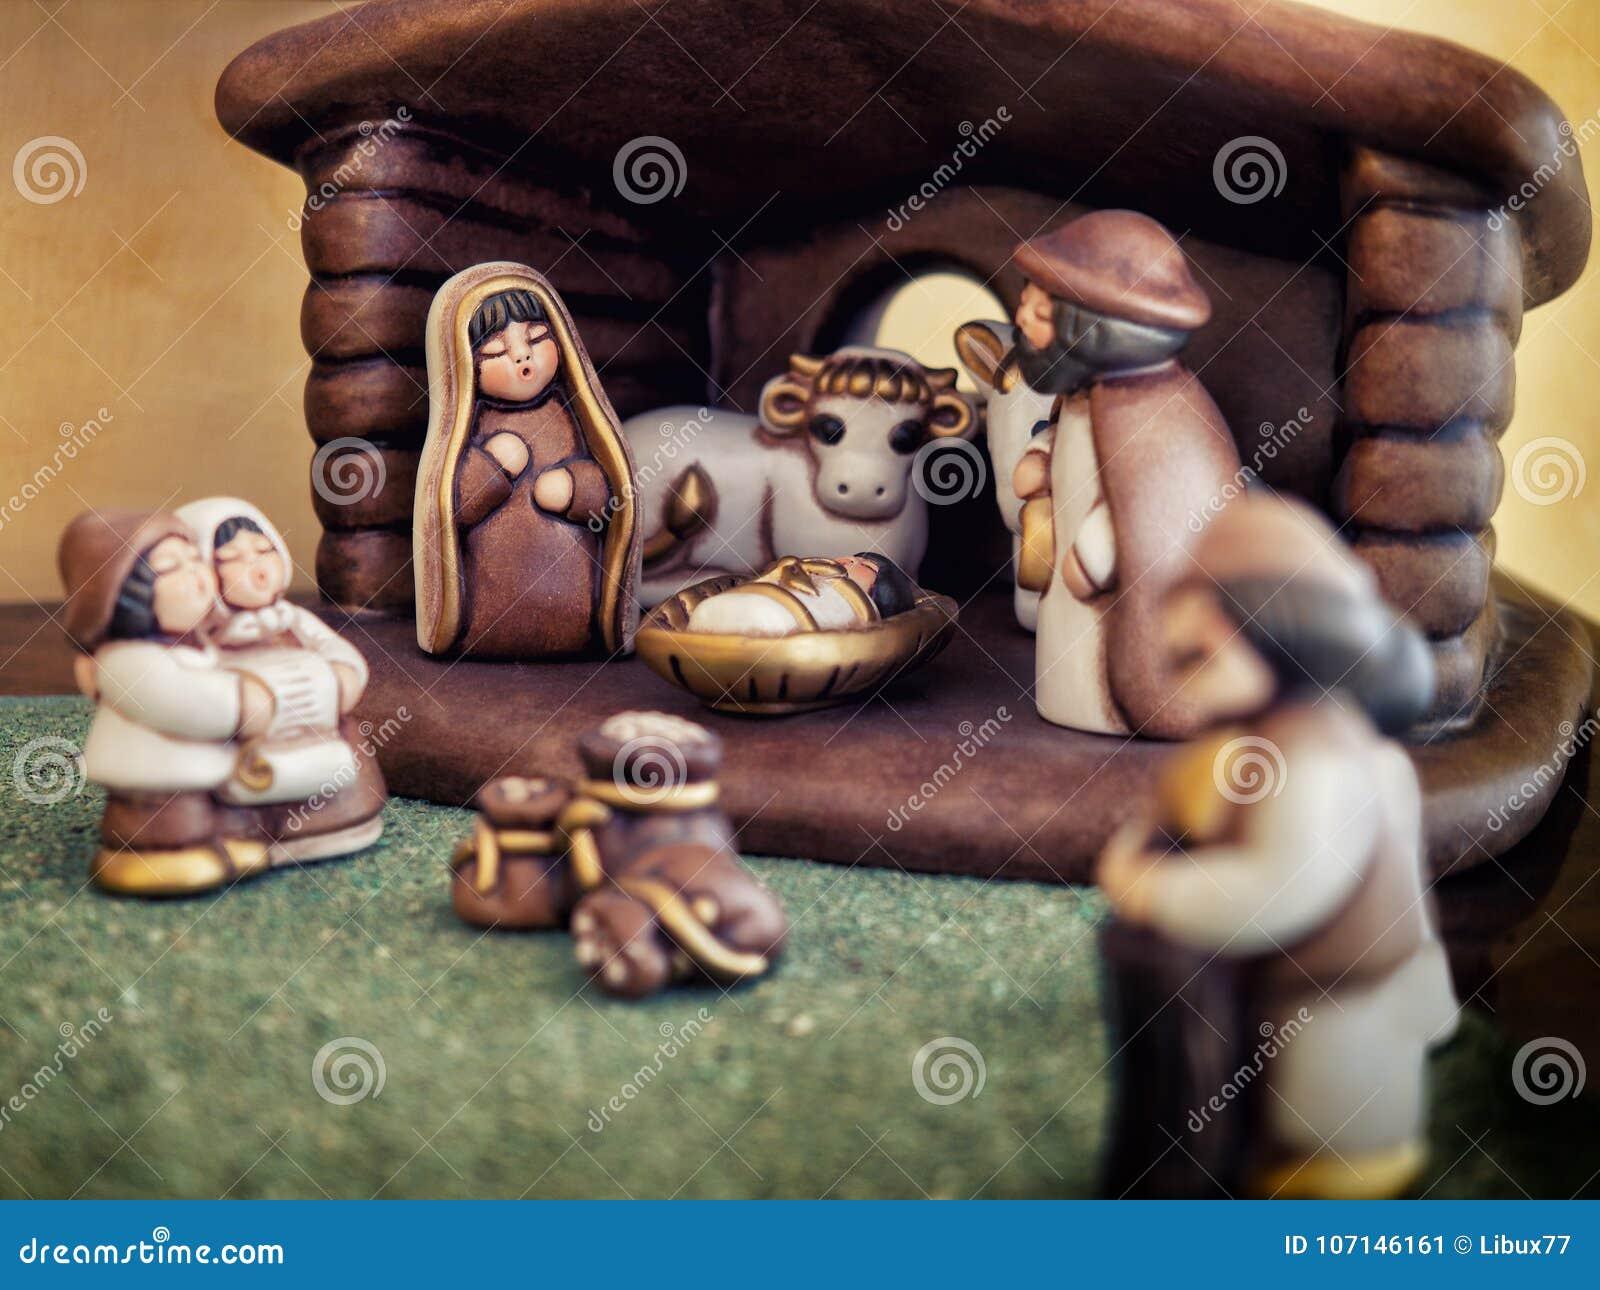 Tradición religiosa de la Navidad de las estatuillas de la escena de la natividad